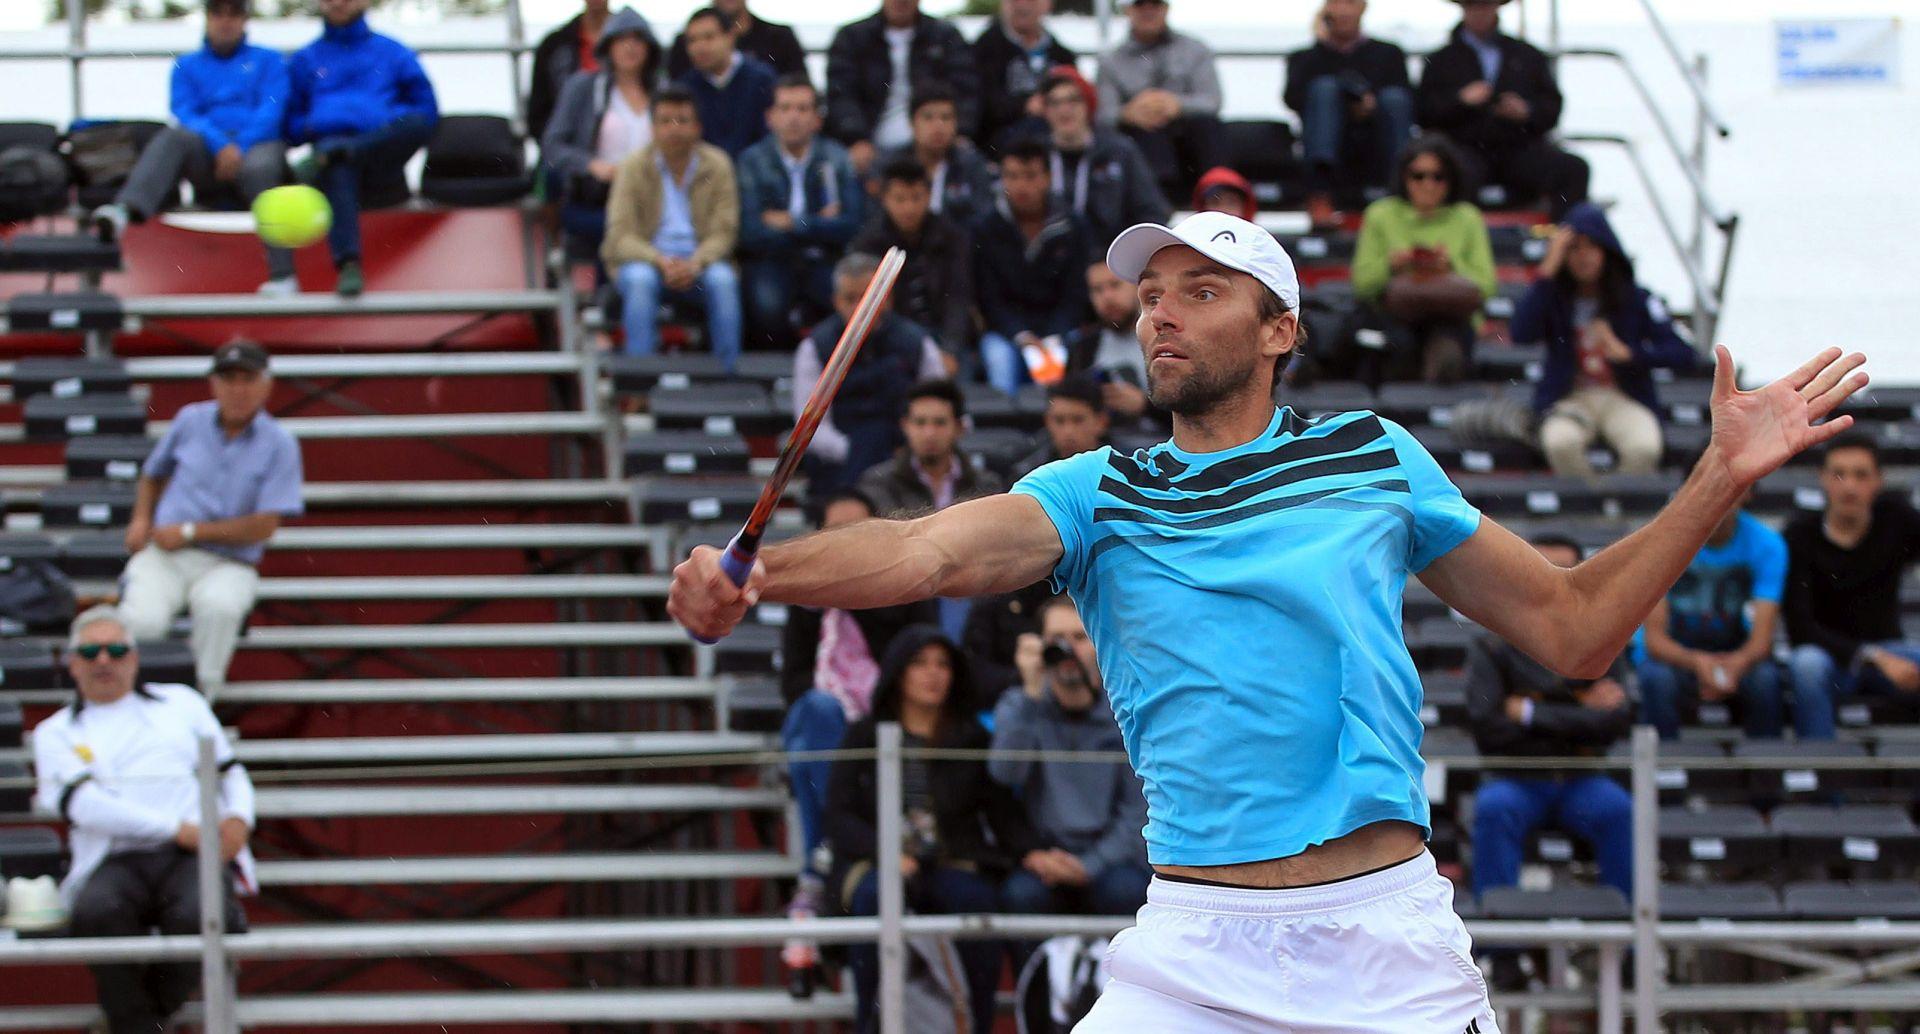 ATP BOGOTA Karlović spasio meč-loptu na putu do polufinala